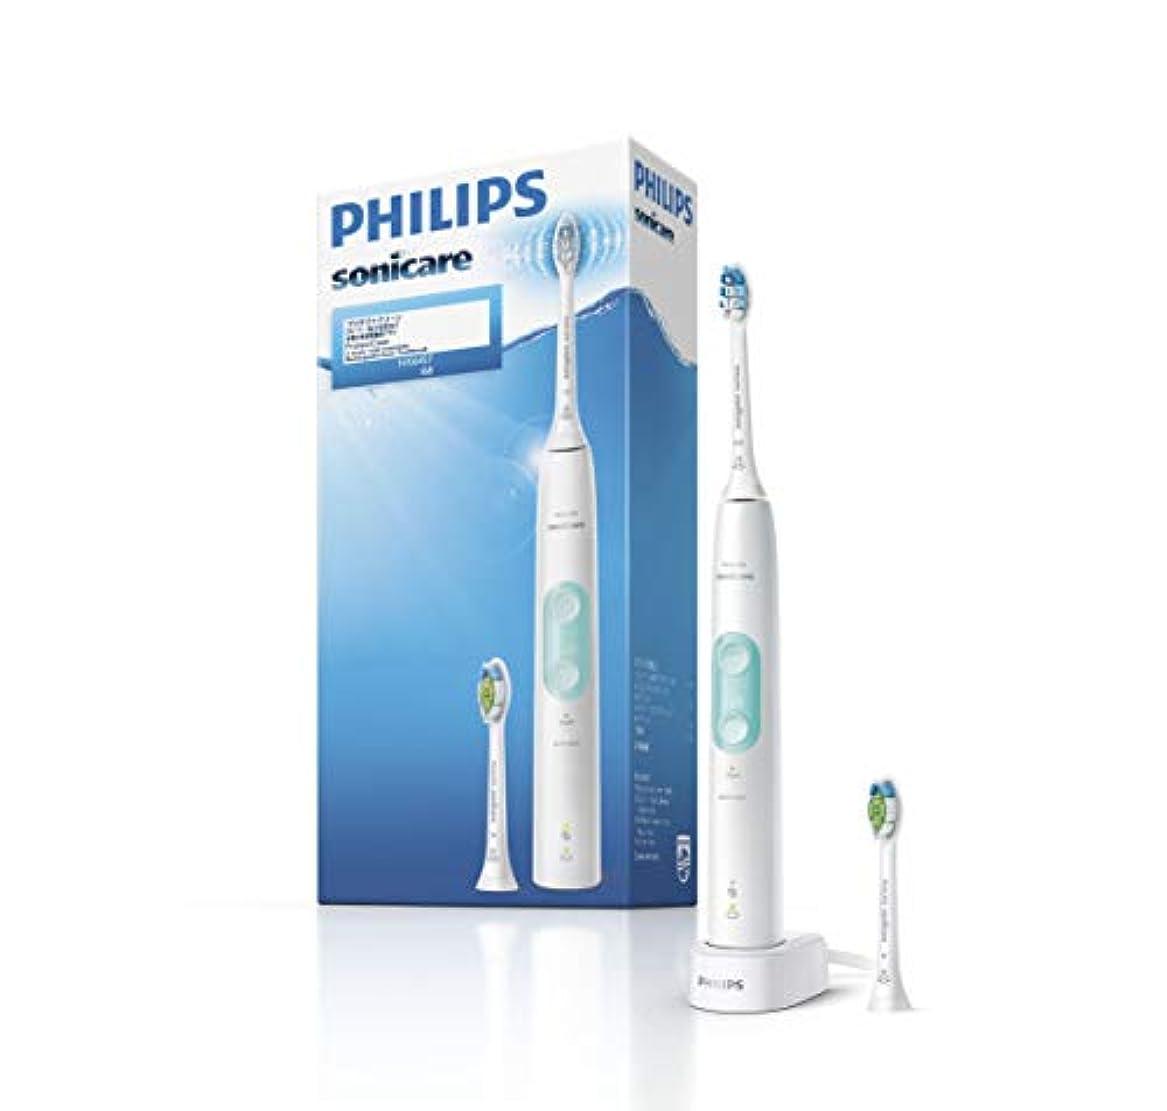 謎伸ばすボルトフィリップス ソニッケアー プロテクトクリーン プラス 電動歯ブラシ ホワイトミント HX6457/68